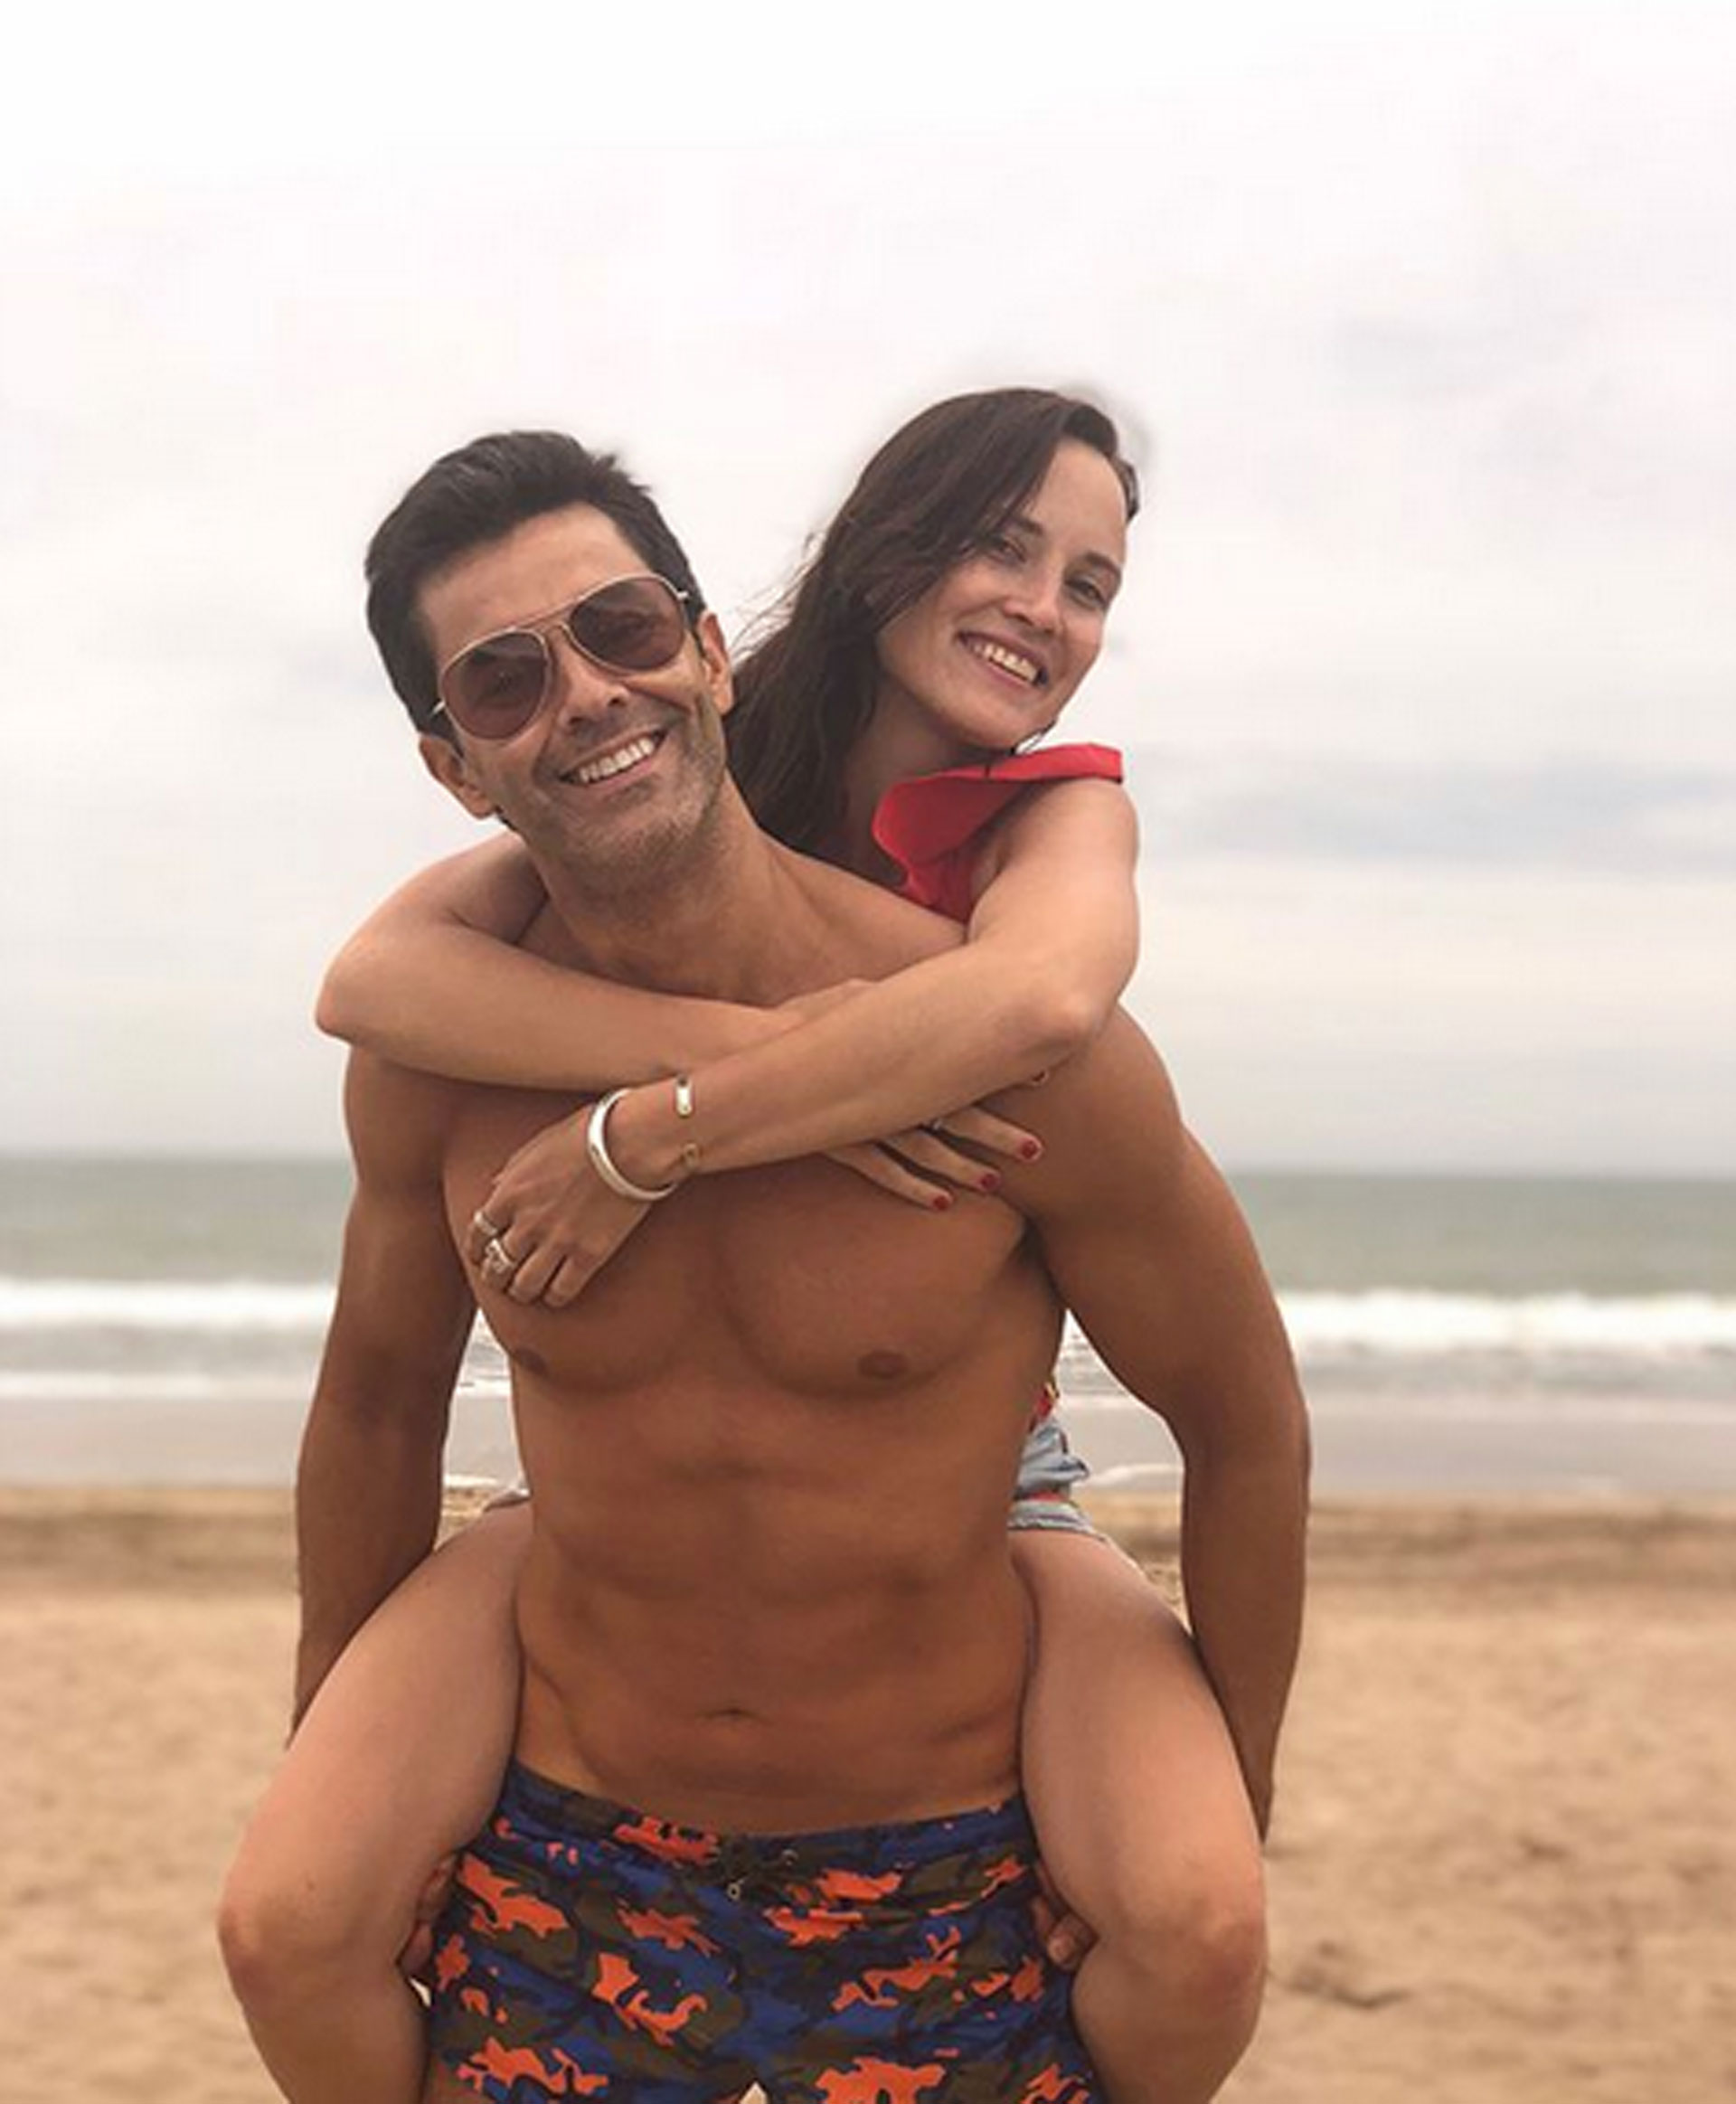 Mariano y Camila. Foto: Instagram @marianom78